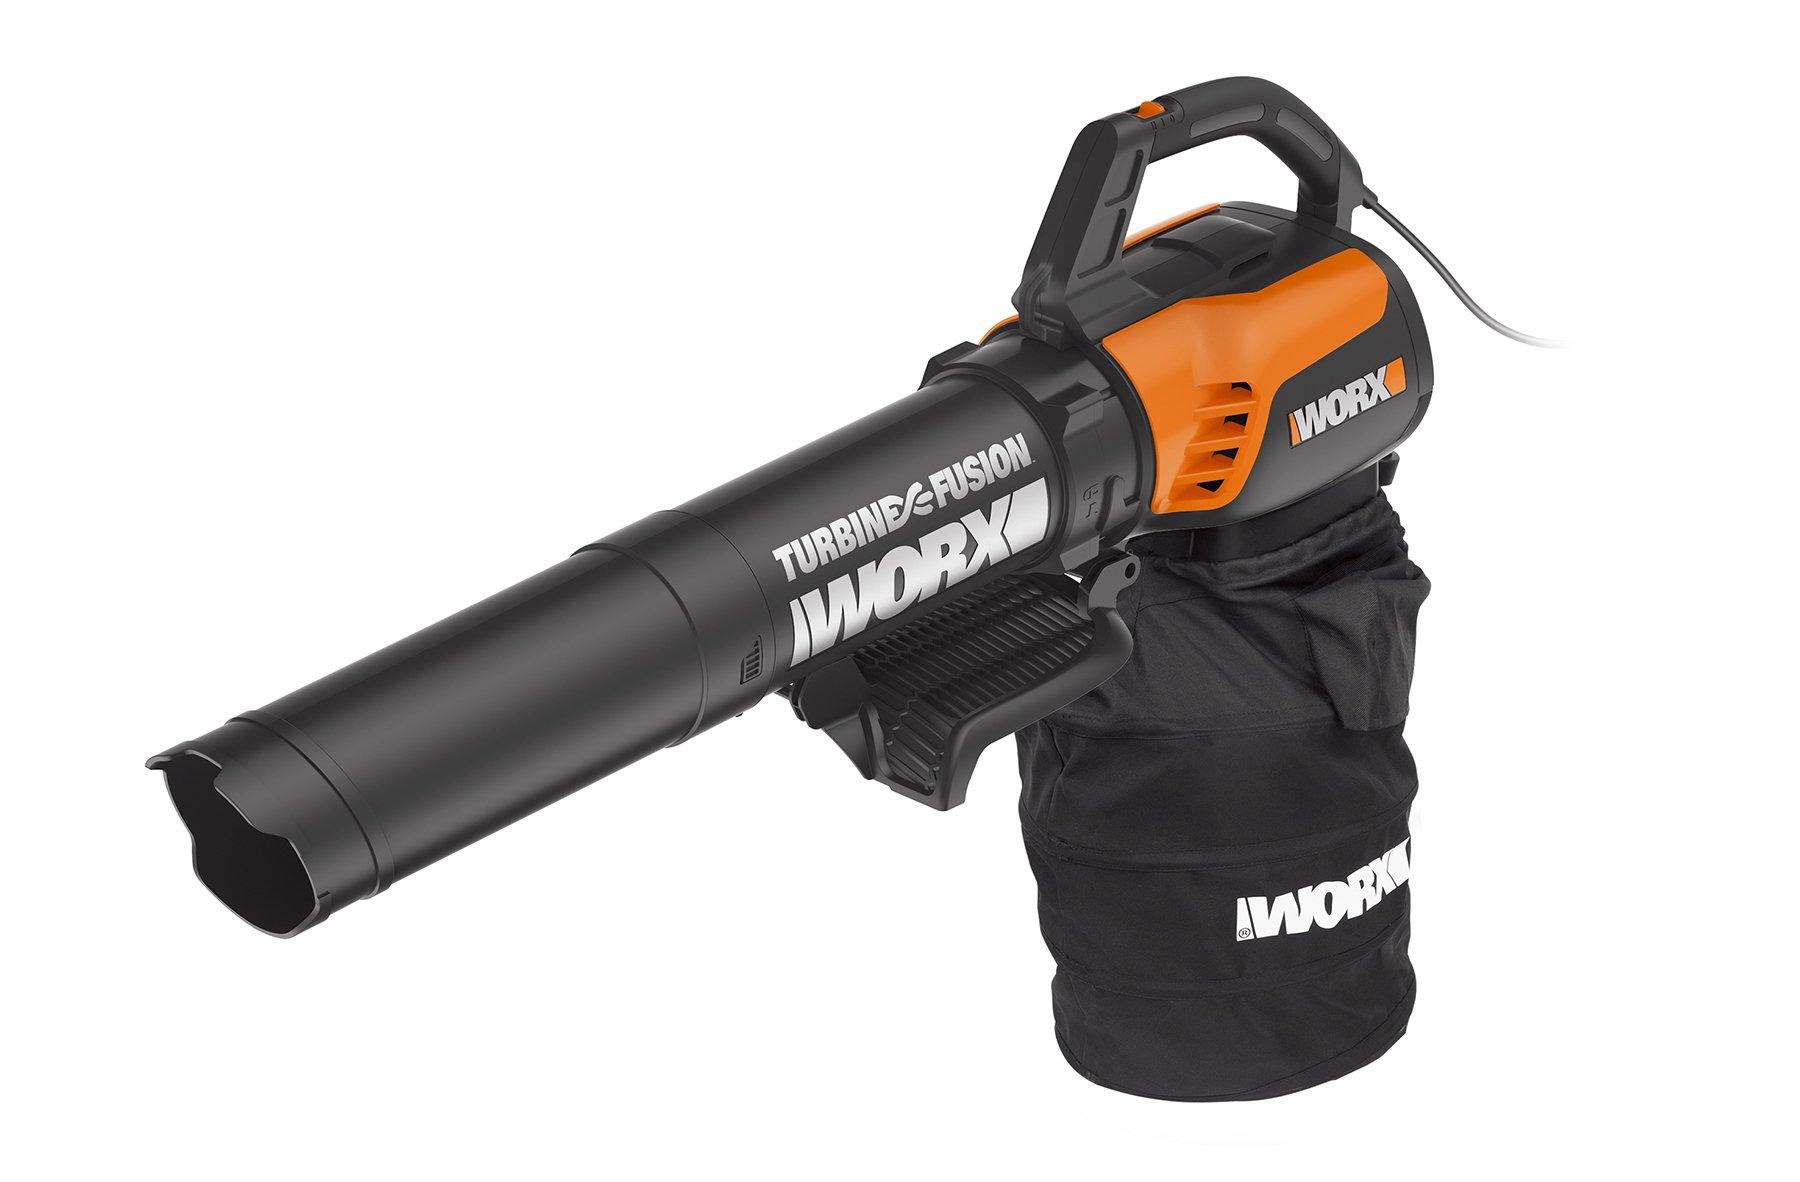 WORX WG510 TURBINEFusion 12 Amp Electric Leaf Blower/Mulcher/Vacuum by WORX